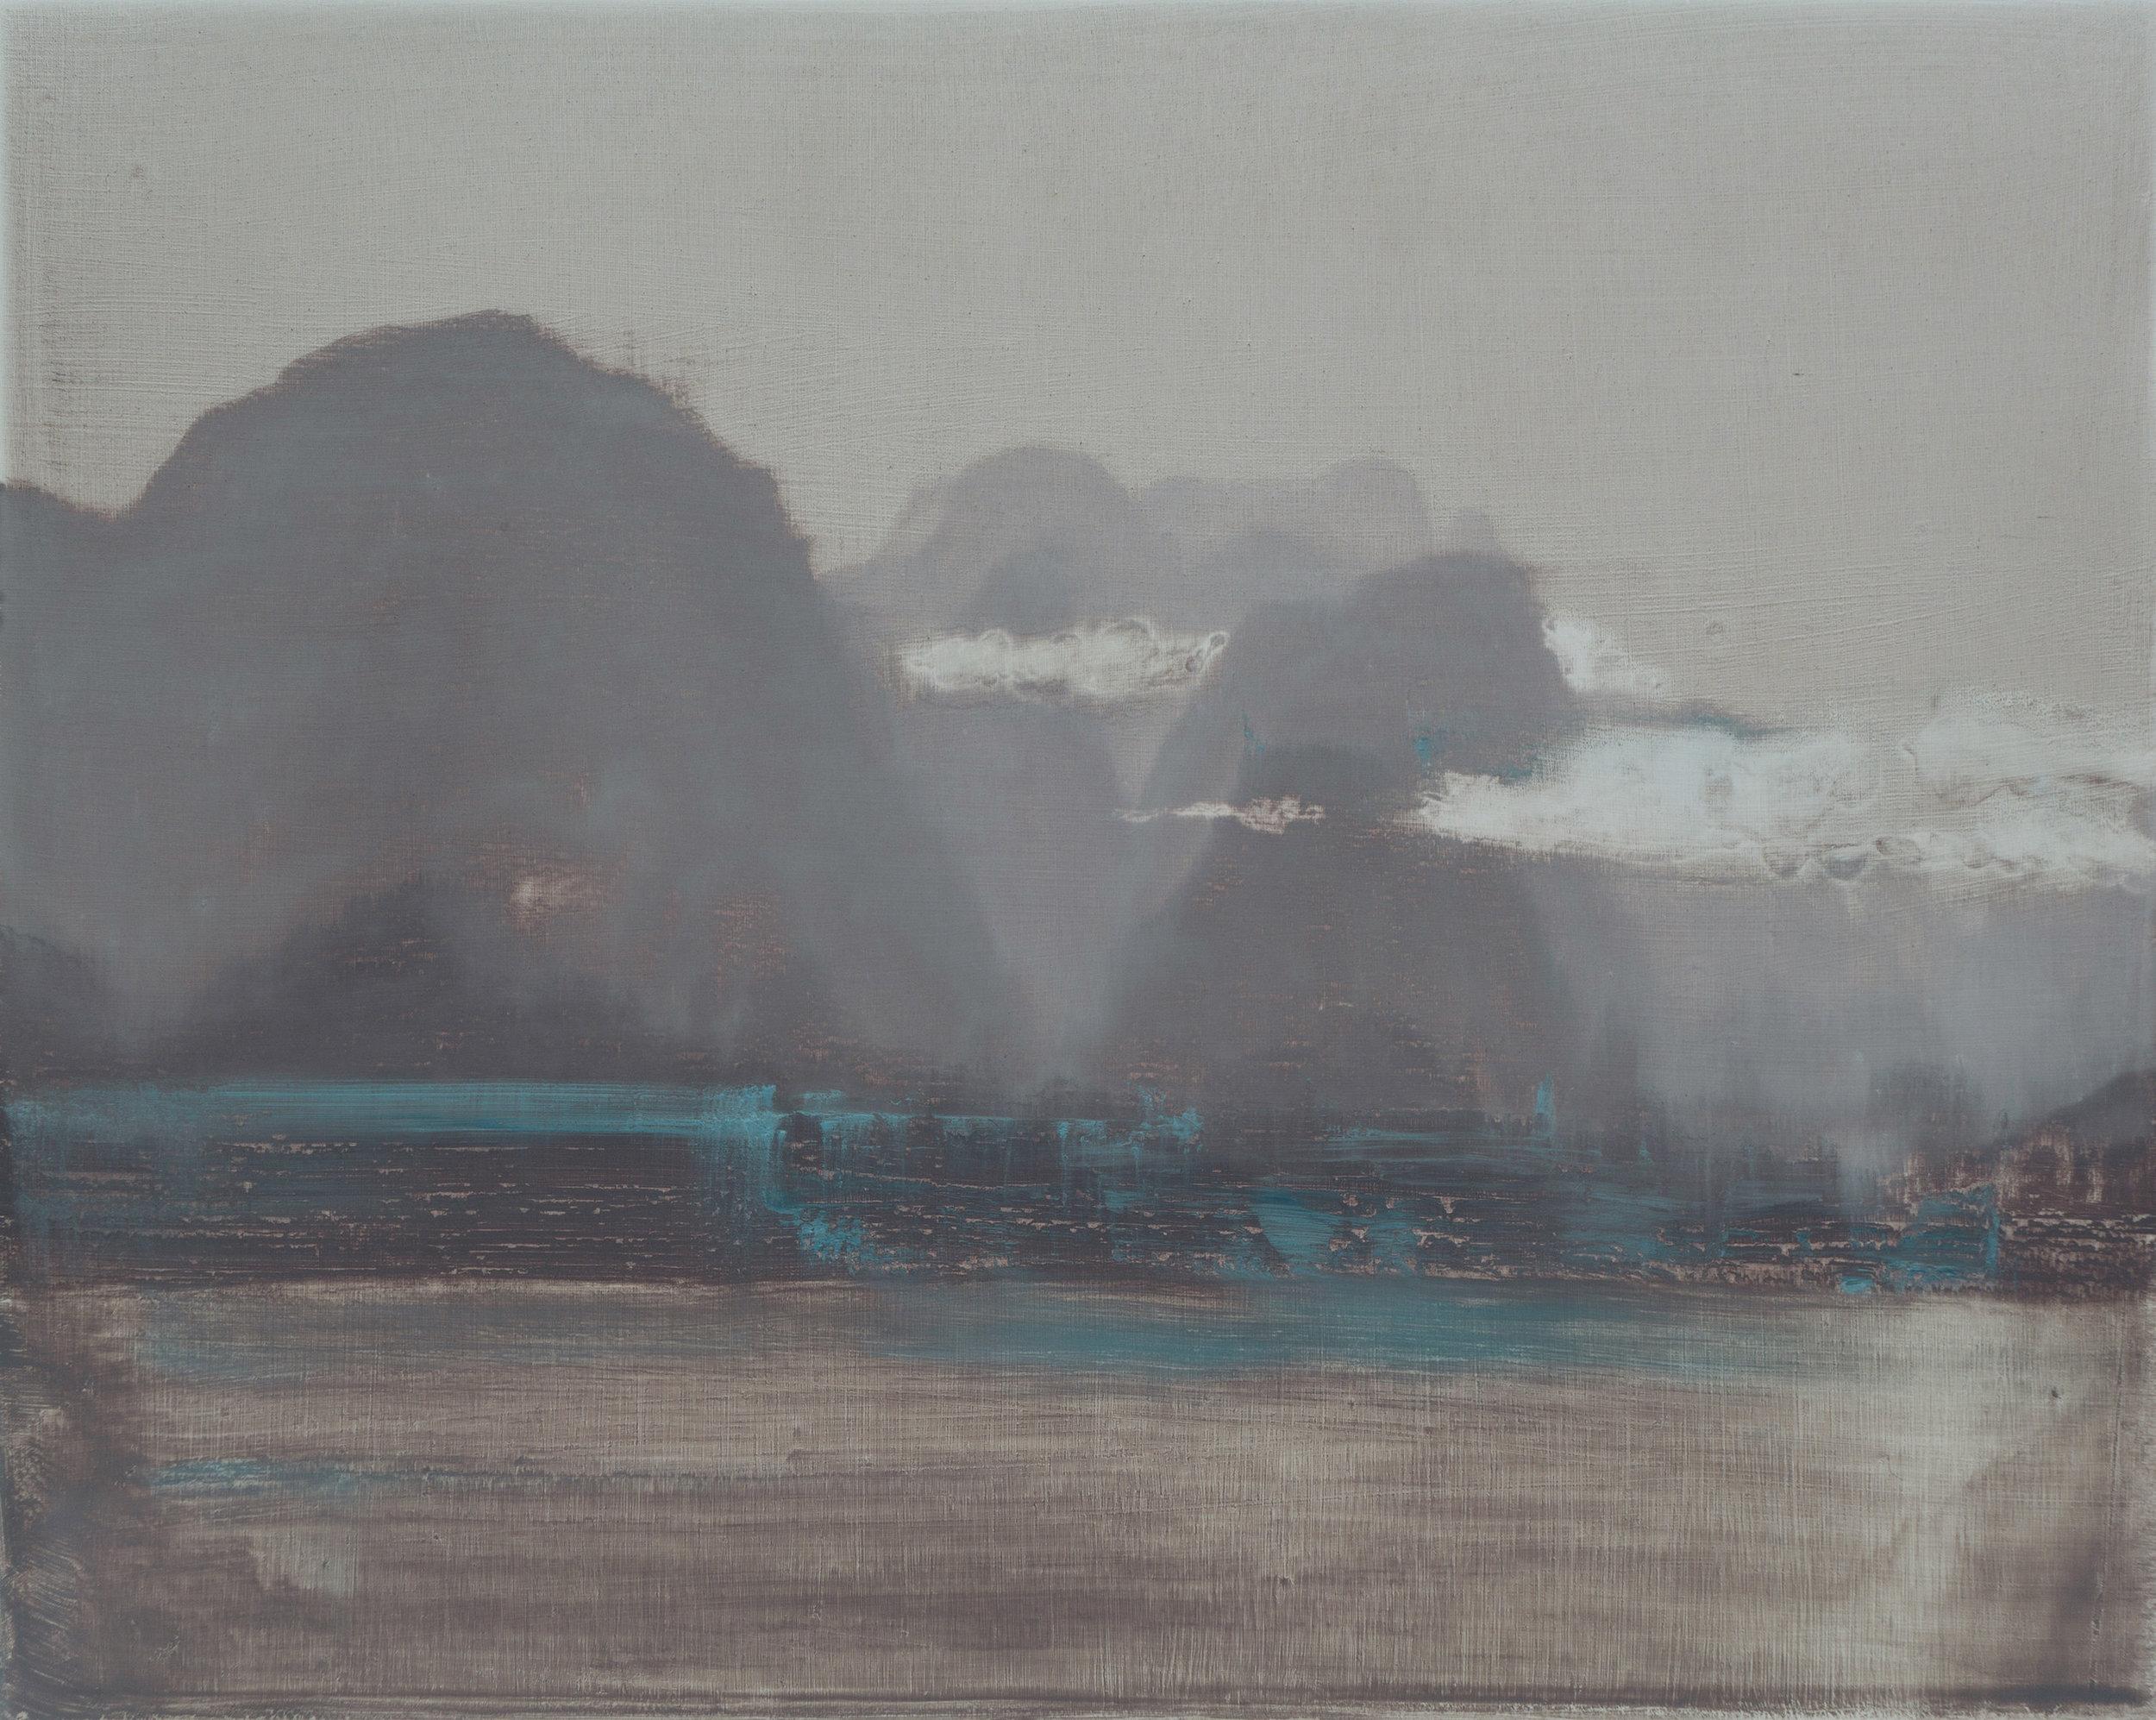 Mountains-cloud-haze, 2014